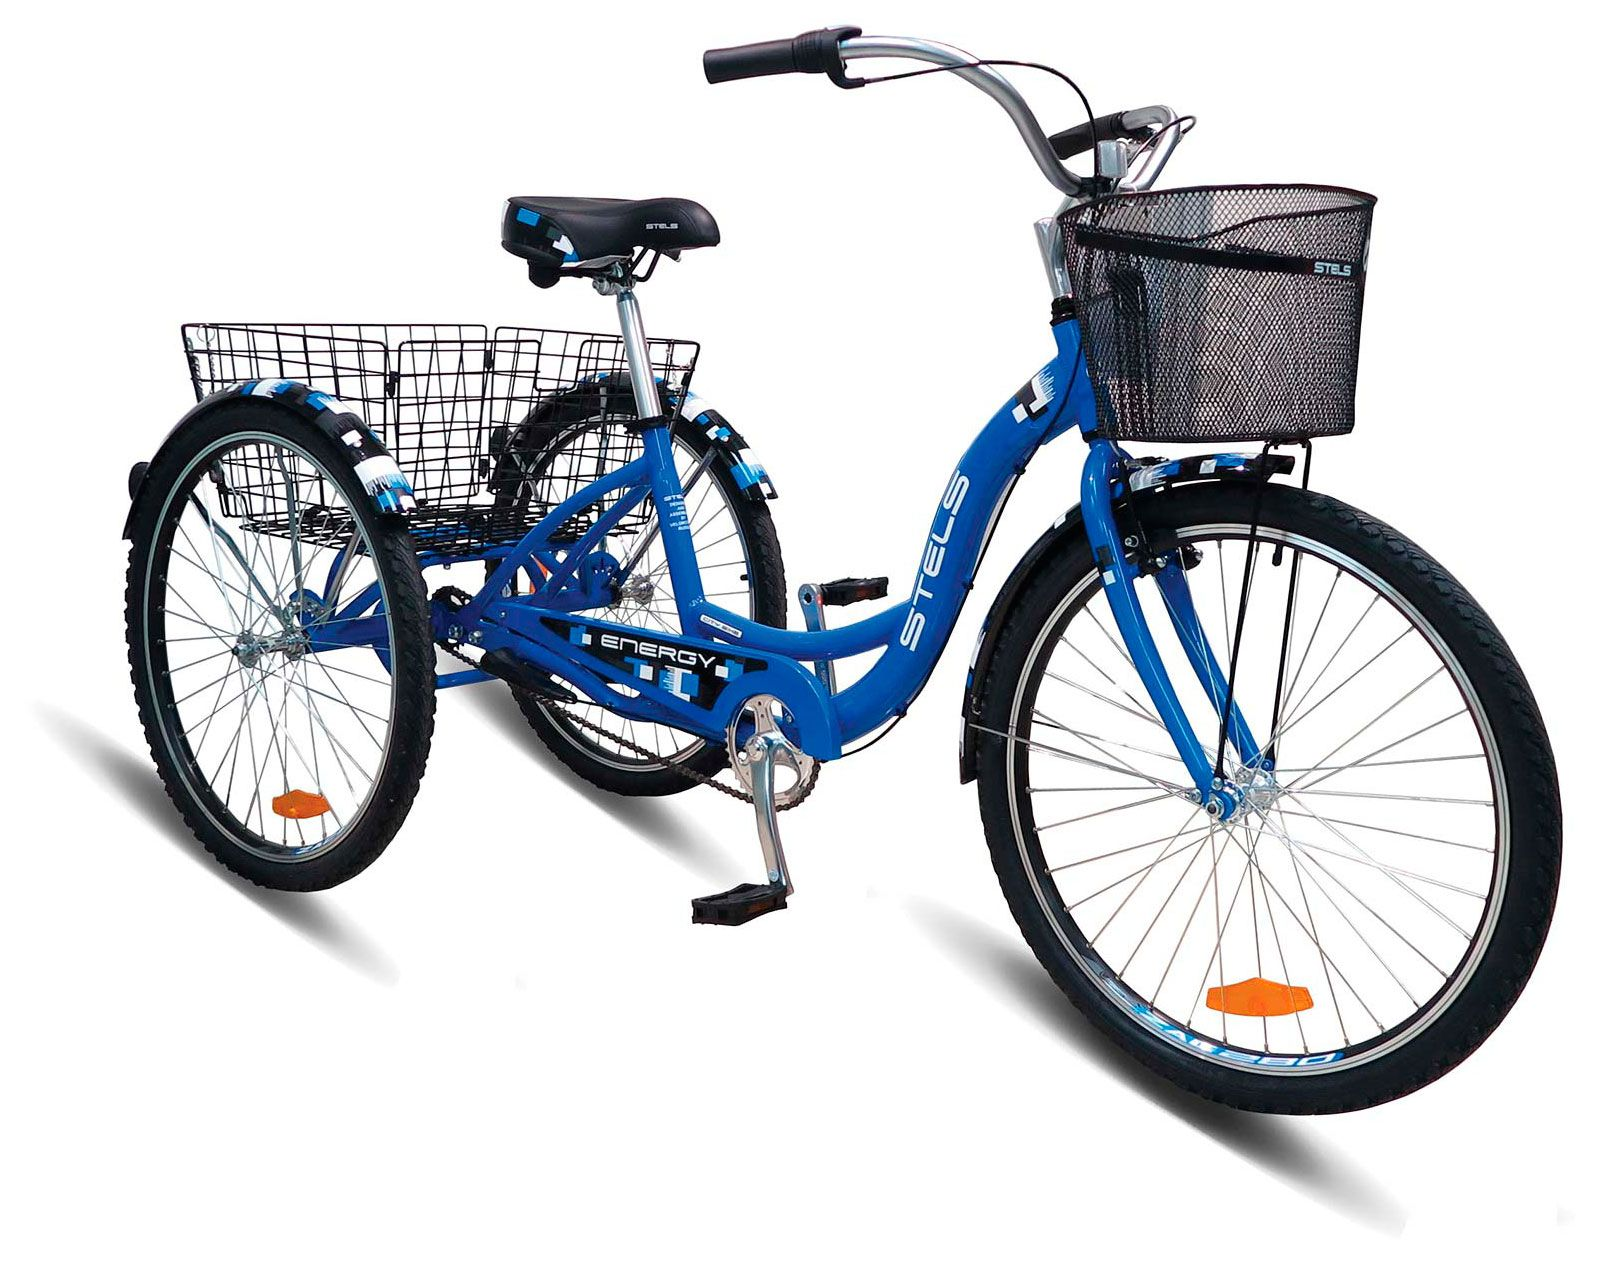 Велосипед Stels Energy-III 26 (V030) 2017 велосипед stels miss 8900 md 2015